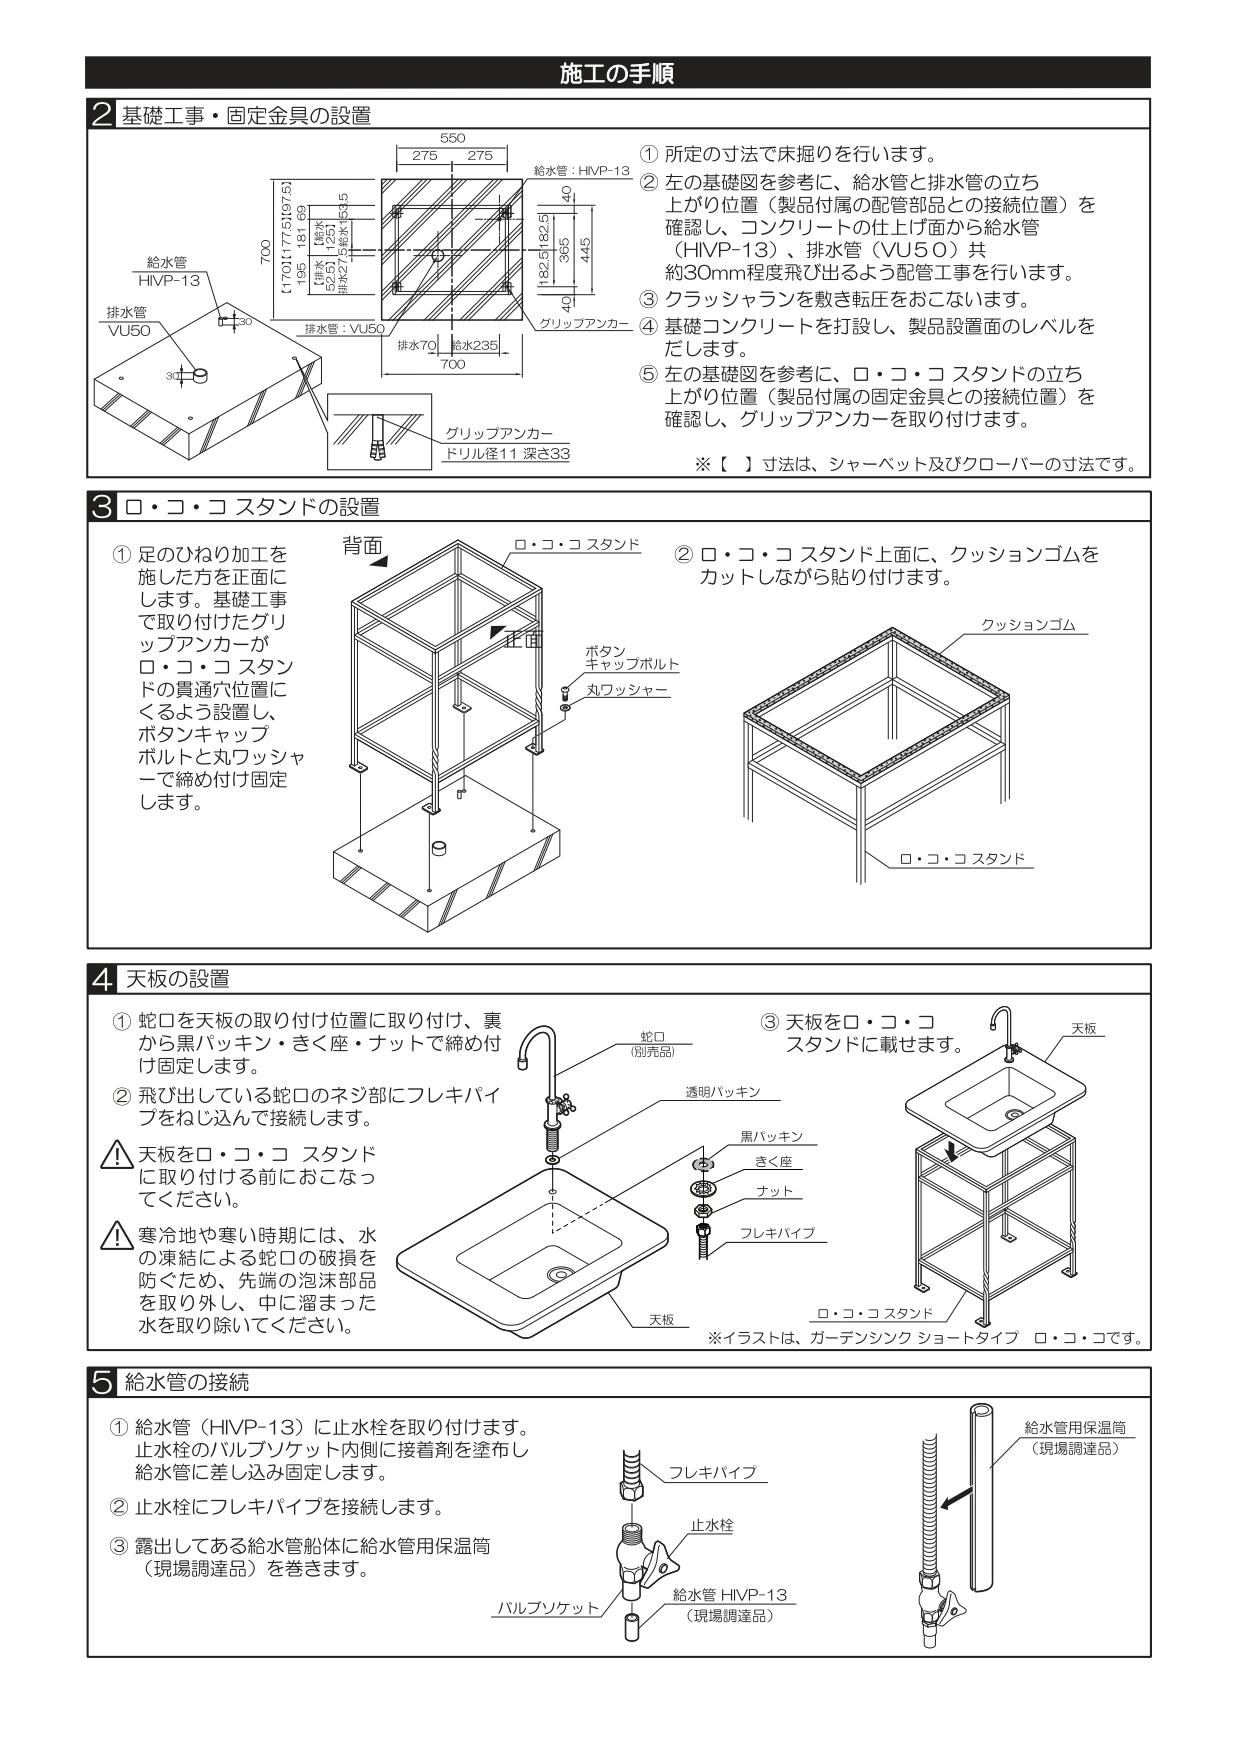 ロココ 施工説明書_page-0004